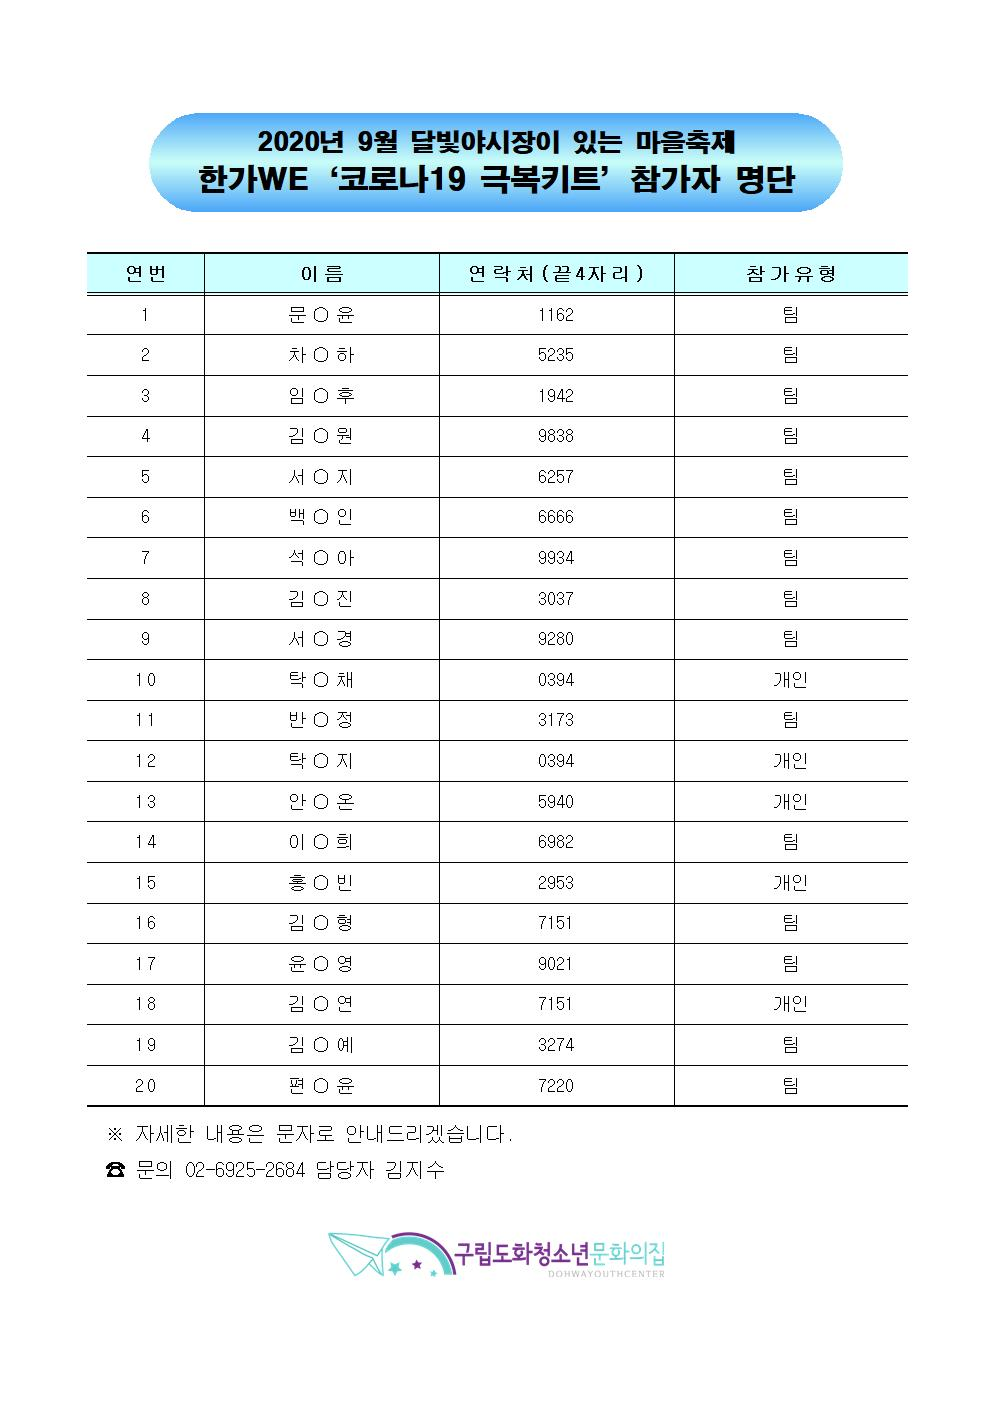 참가자명단(코로나19극복키트).jpg